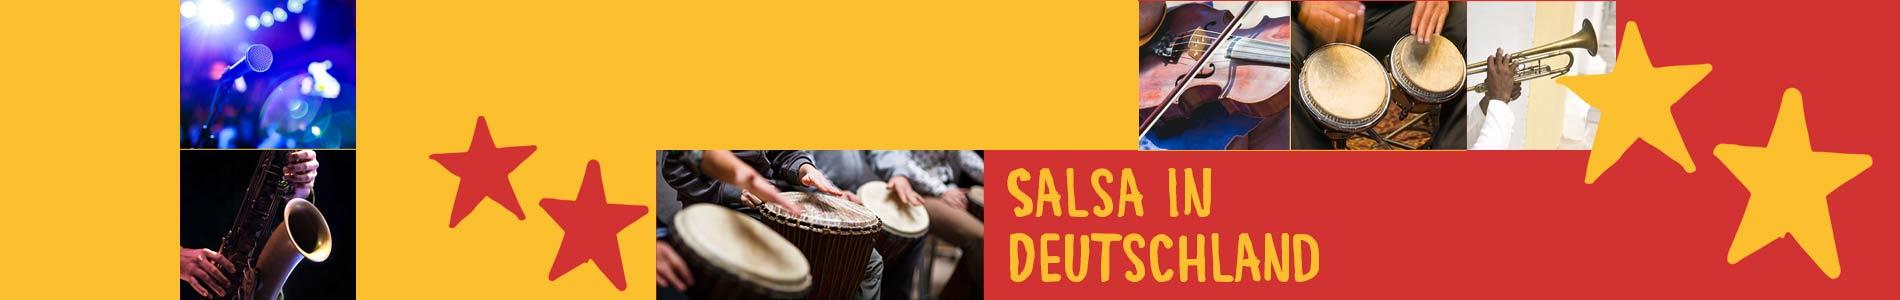 Salsa in Büchenbach – Salsa lernen und tanzen, Tanzkurse, Partys, Veranstaltungen